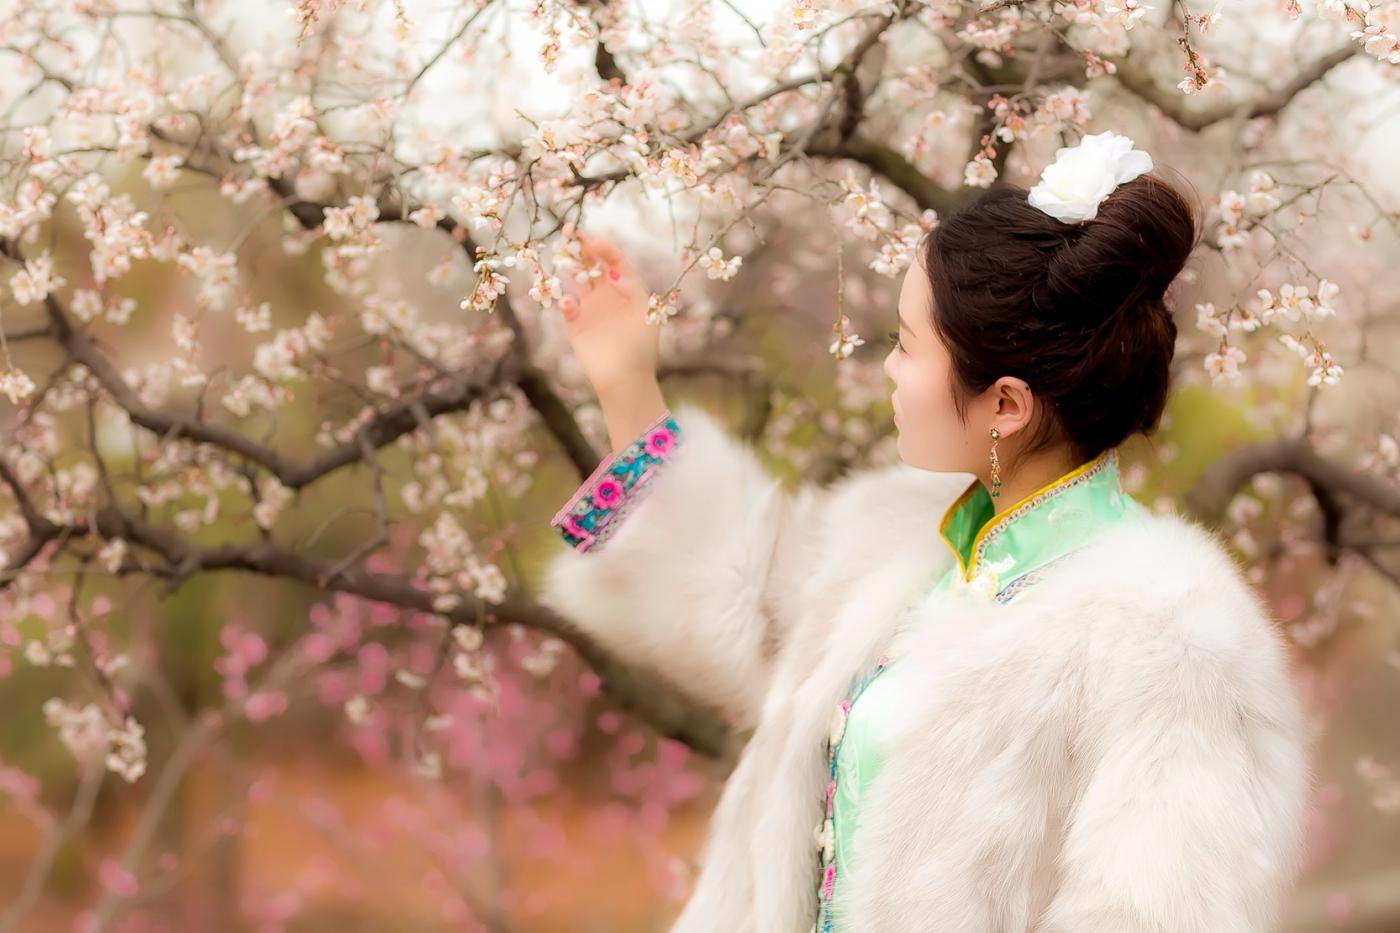 沂水雪山梅园走来一群赏梅踏春的沂蒙女孩 摄影人和女孩们成为梅园一道亮丽的风景线 ..._图1-1